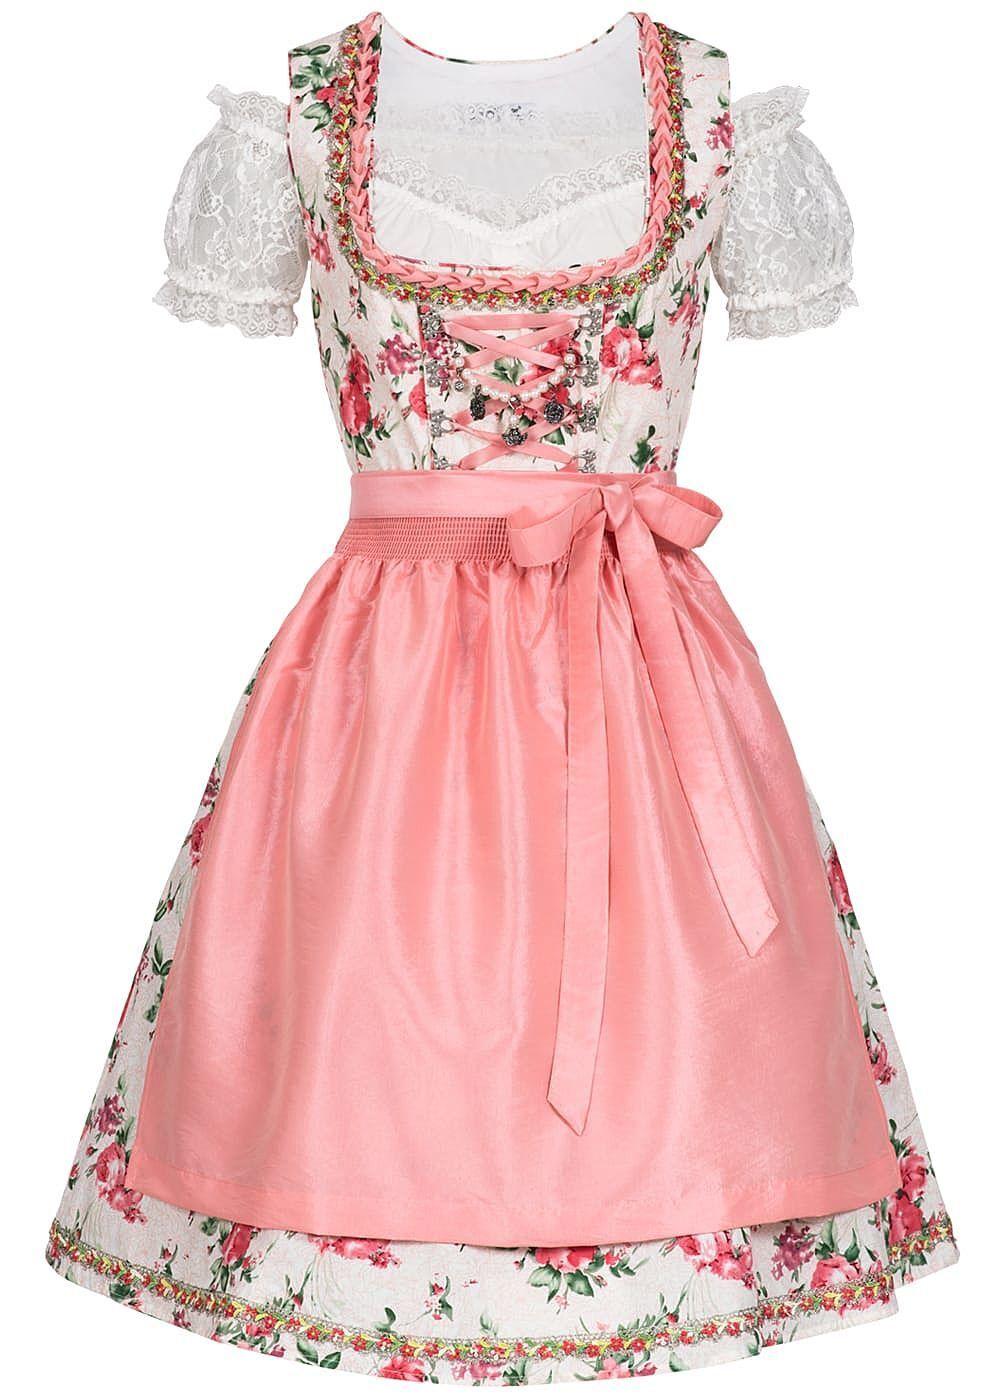 B180890370 Damen 77 Lifestyle Dirndl Kleid mit Schürze OHNE Bluse